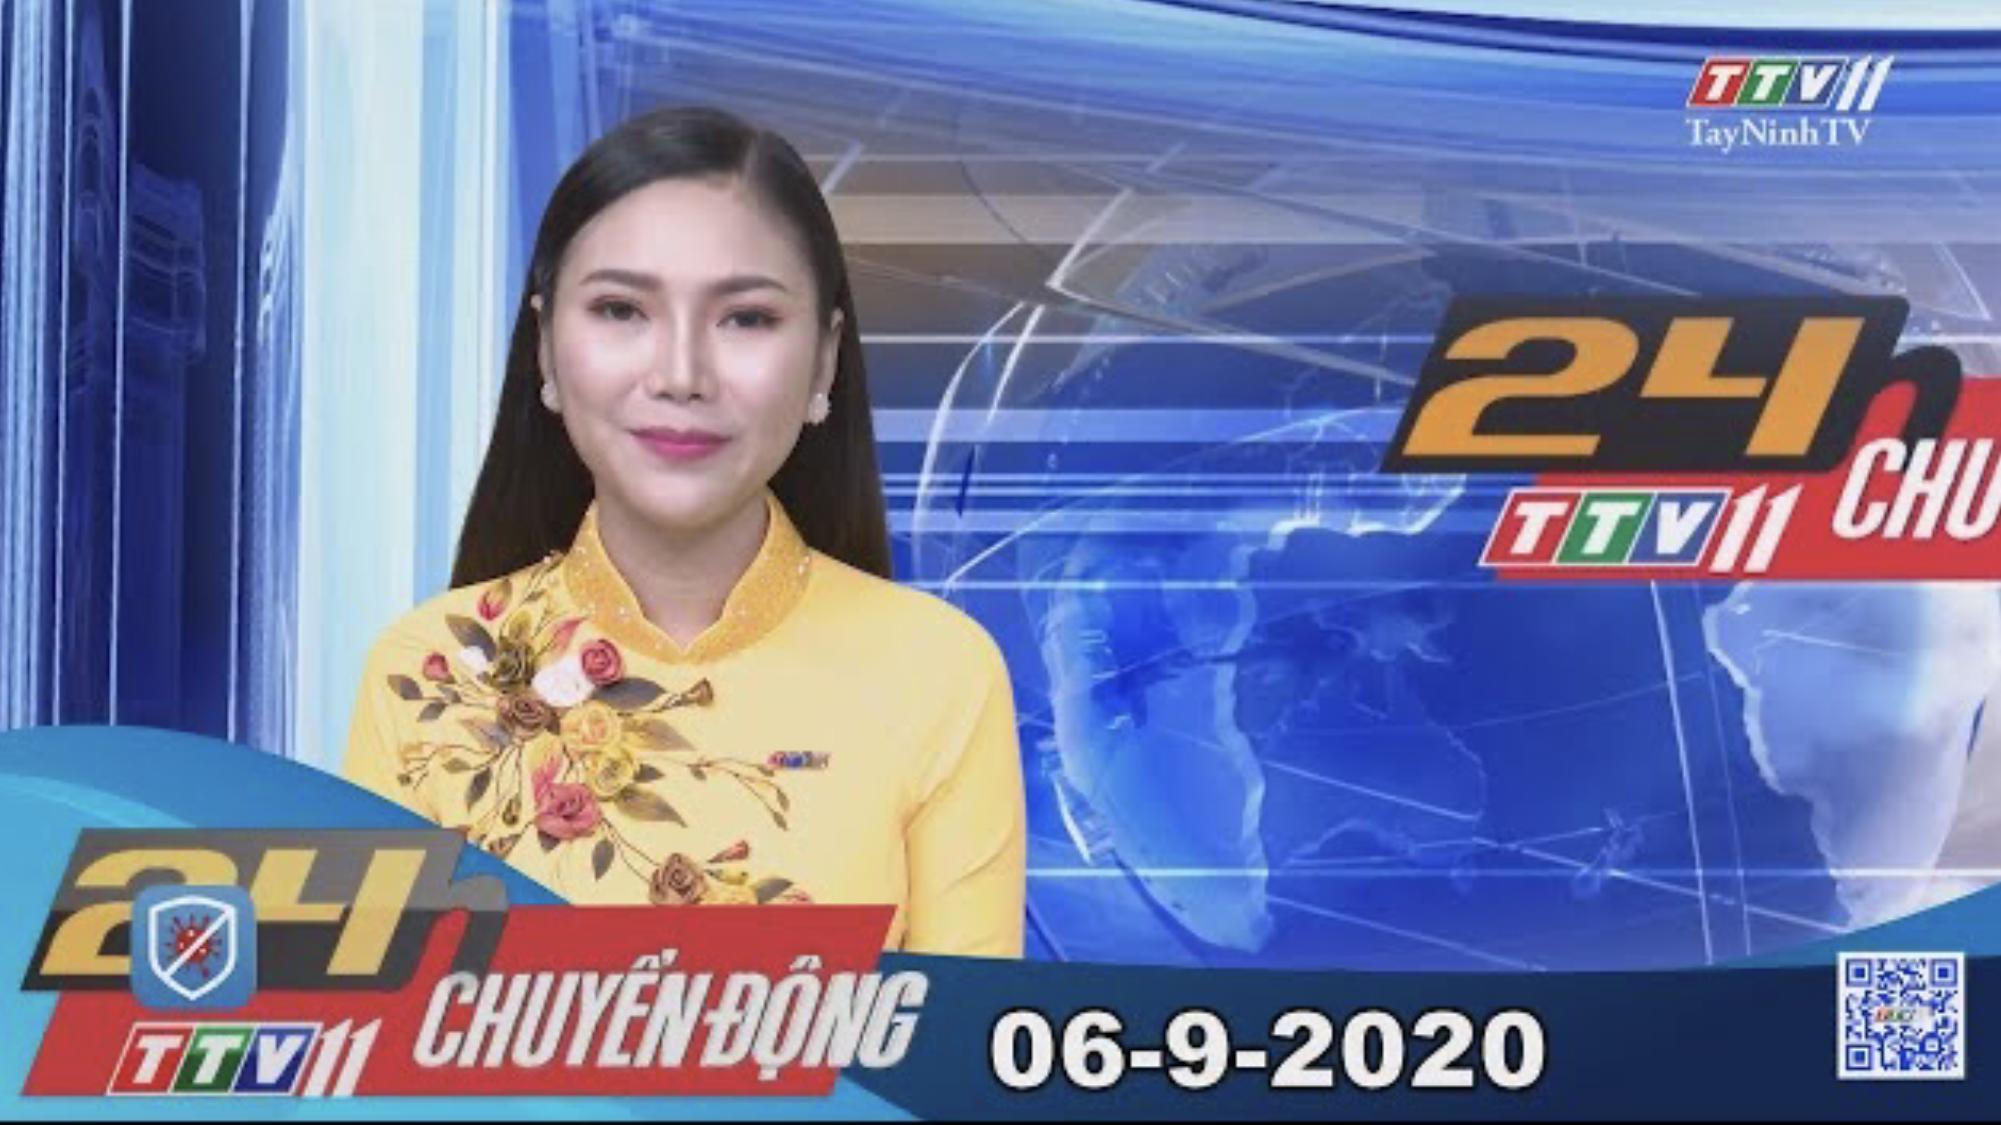 24h Chuyển động 06-9-2020 | Tin tức hôm nay | TayNinhTV